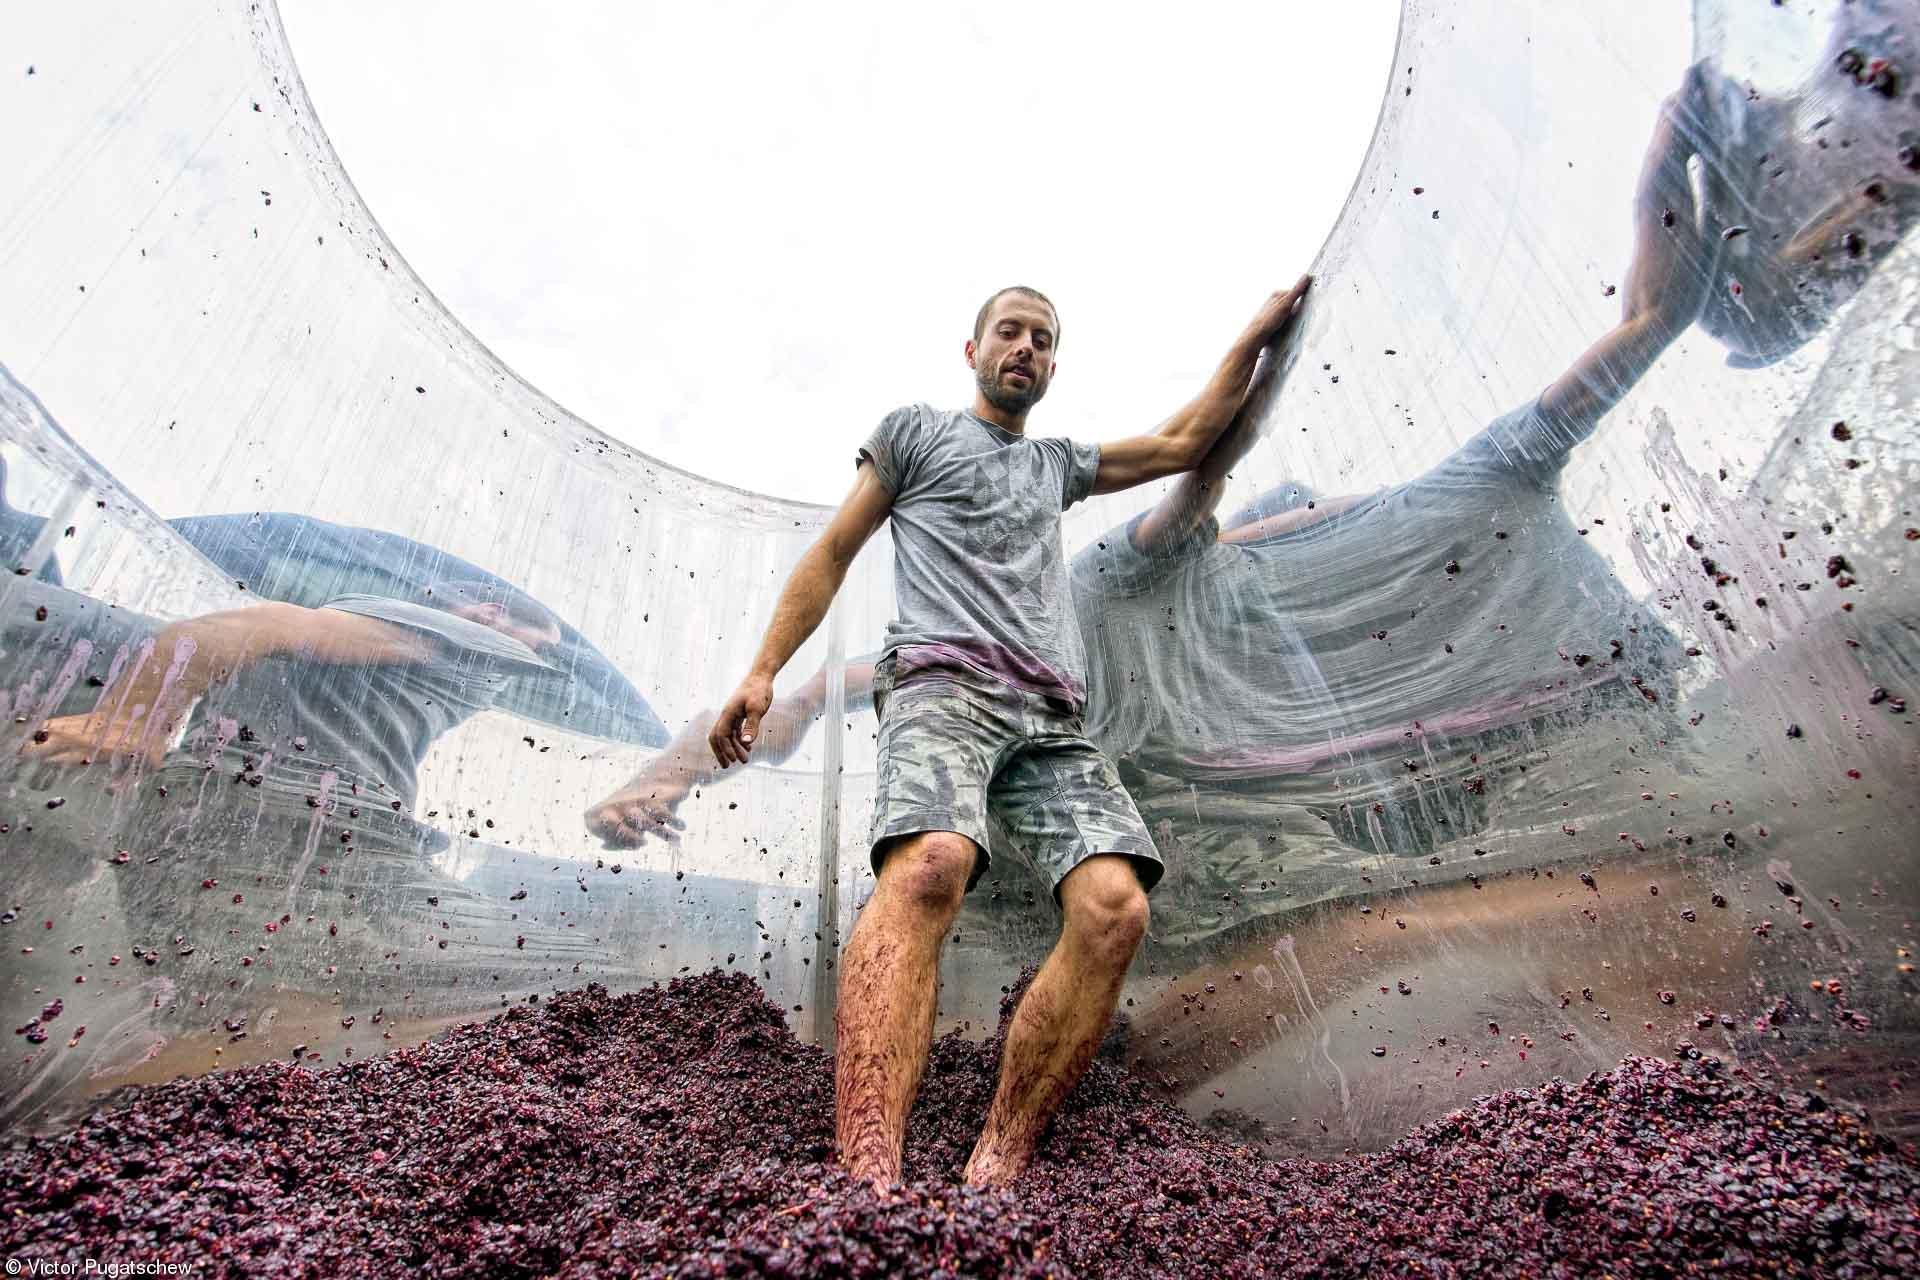 Errazuriz People - Victor Pugatschew -  Pressing the Pinot Noir